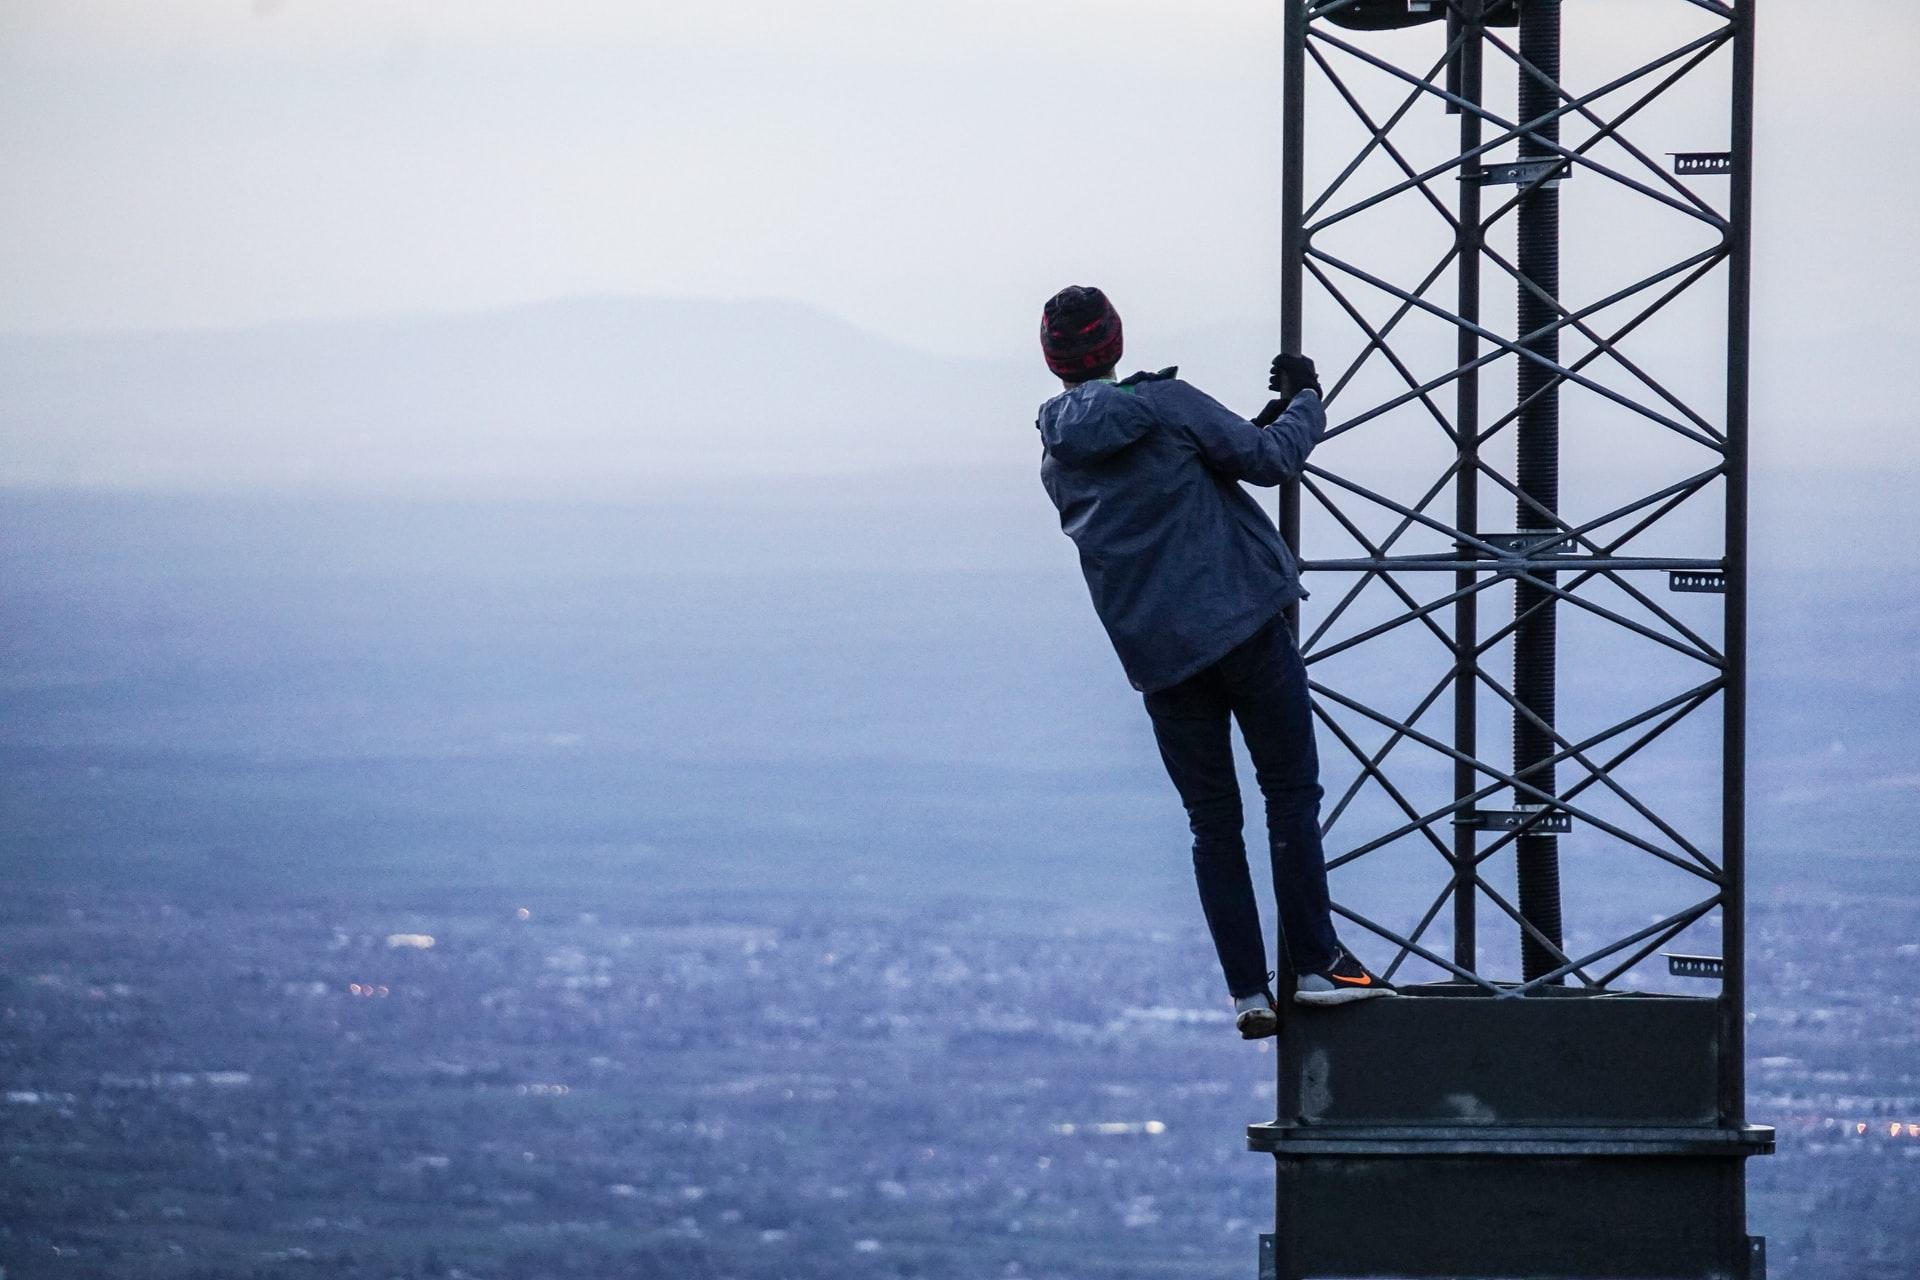 Come il 5G rivoluzionerà l'industria dell'intrattenimento